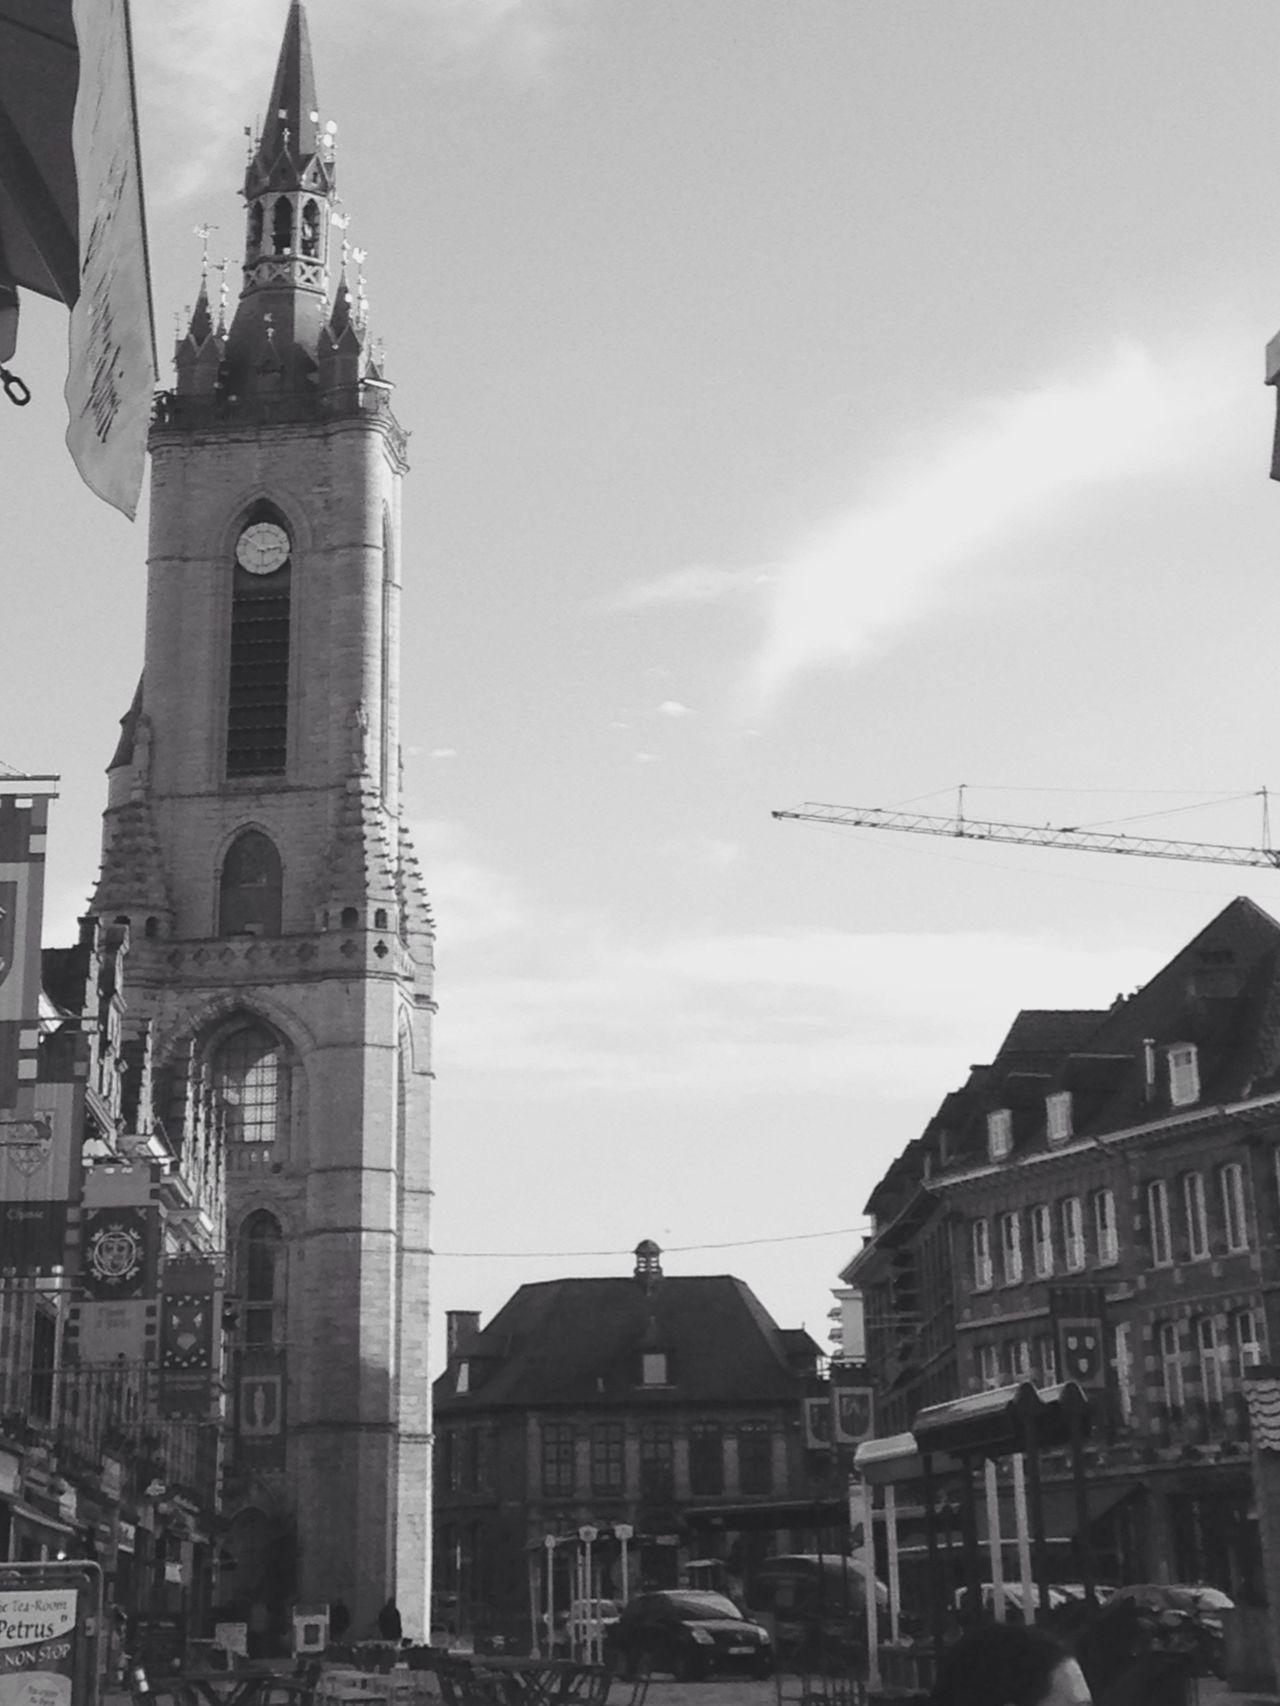 Beffroi EyeEm Best Shots Iphonephotography Tournai Belgium♡ Blackandwhite